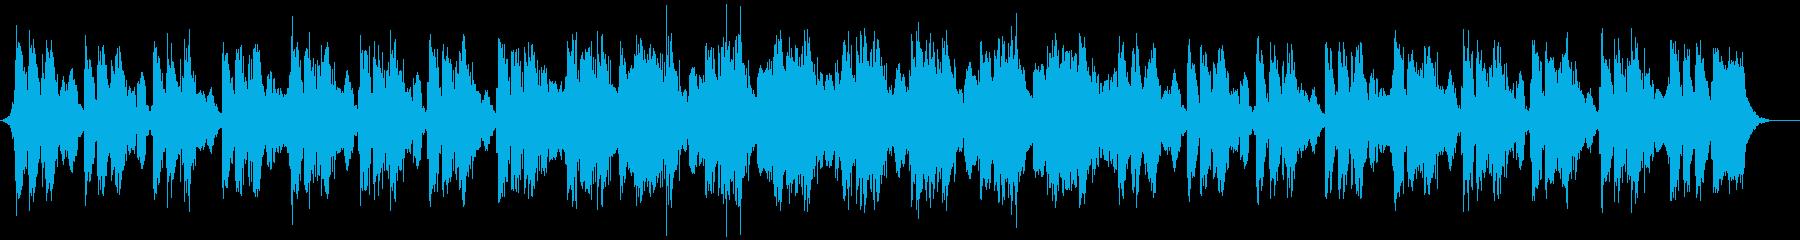 緊張感のあるEpicオーケストラ/速めの再生済みの波形